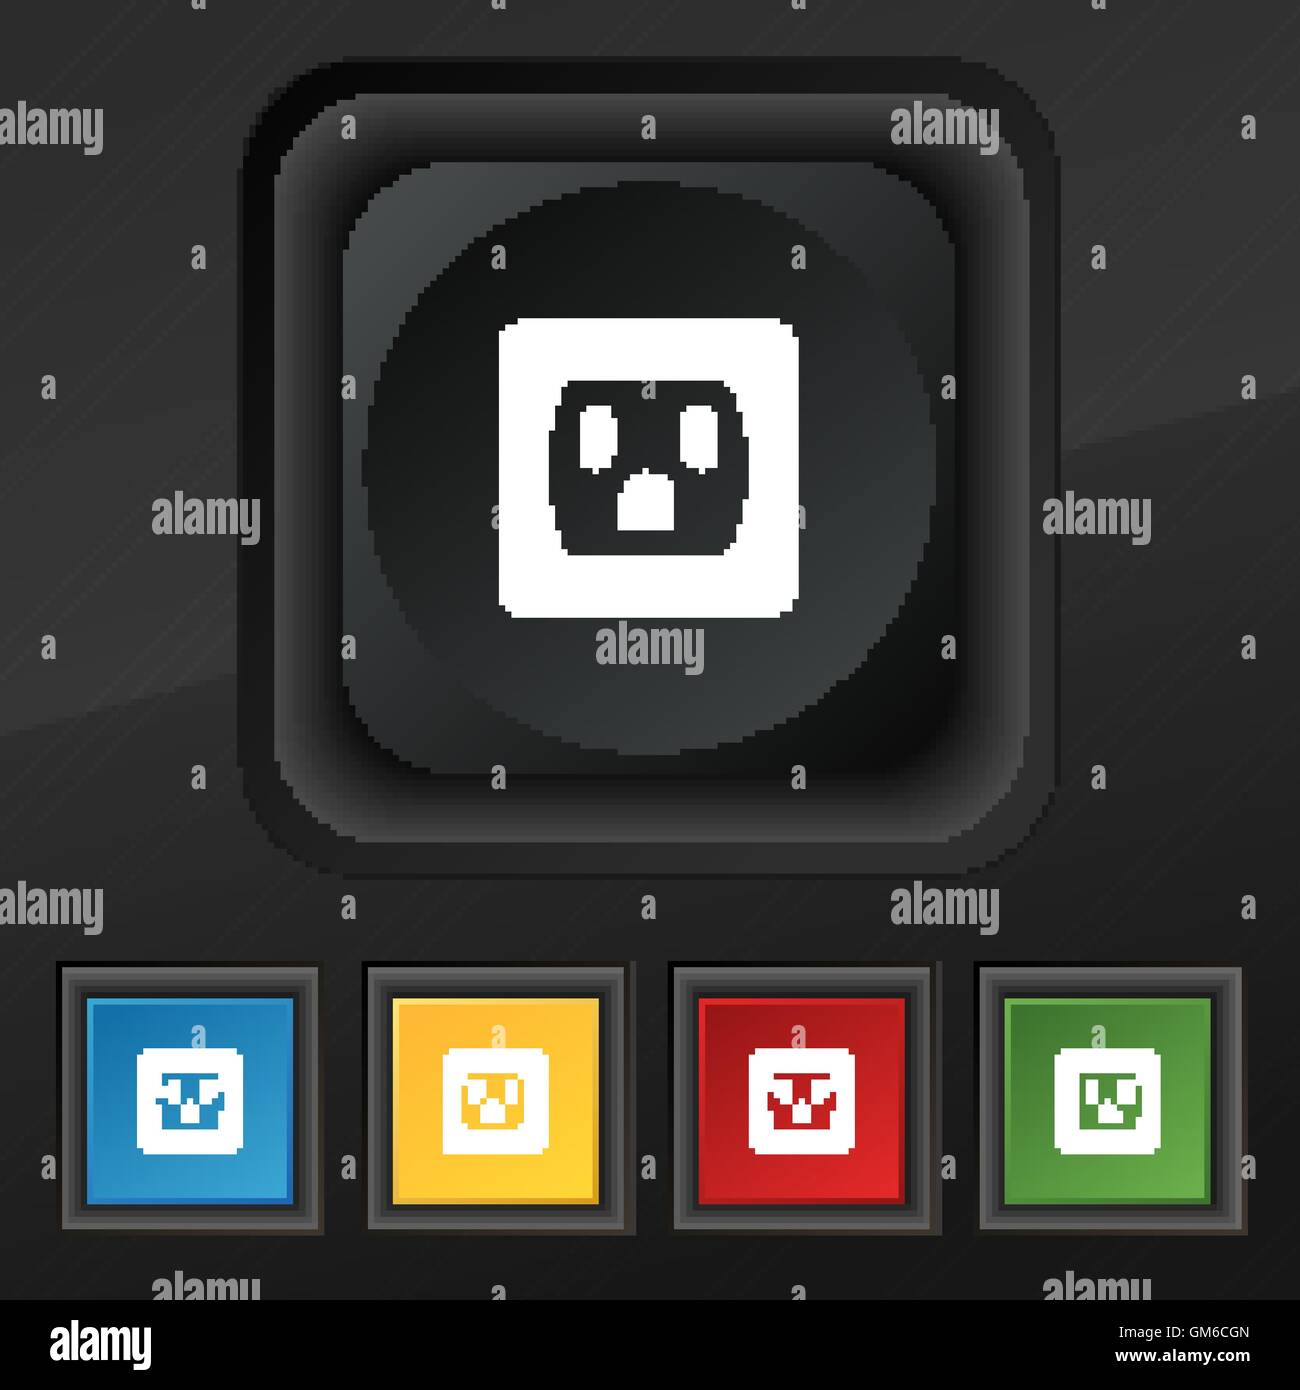 Power Plug Power Cord Silhouette Stock Photos & Power Plug Power ...